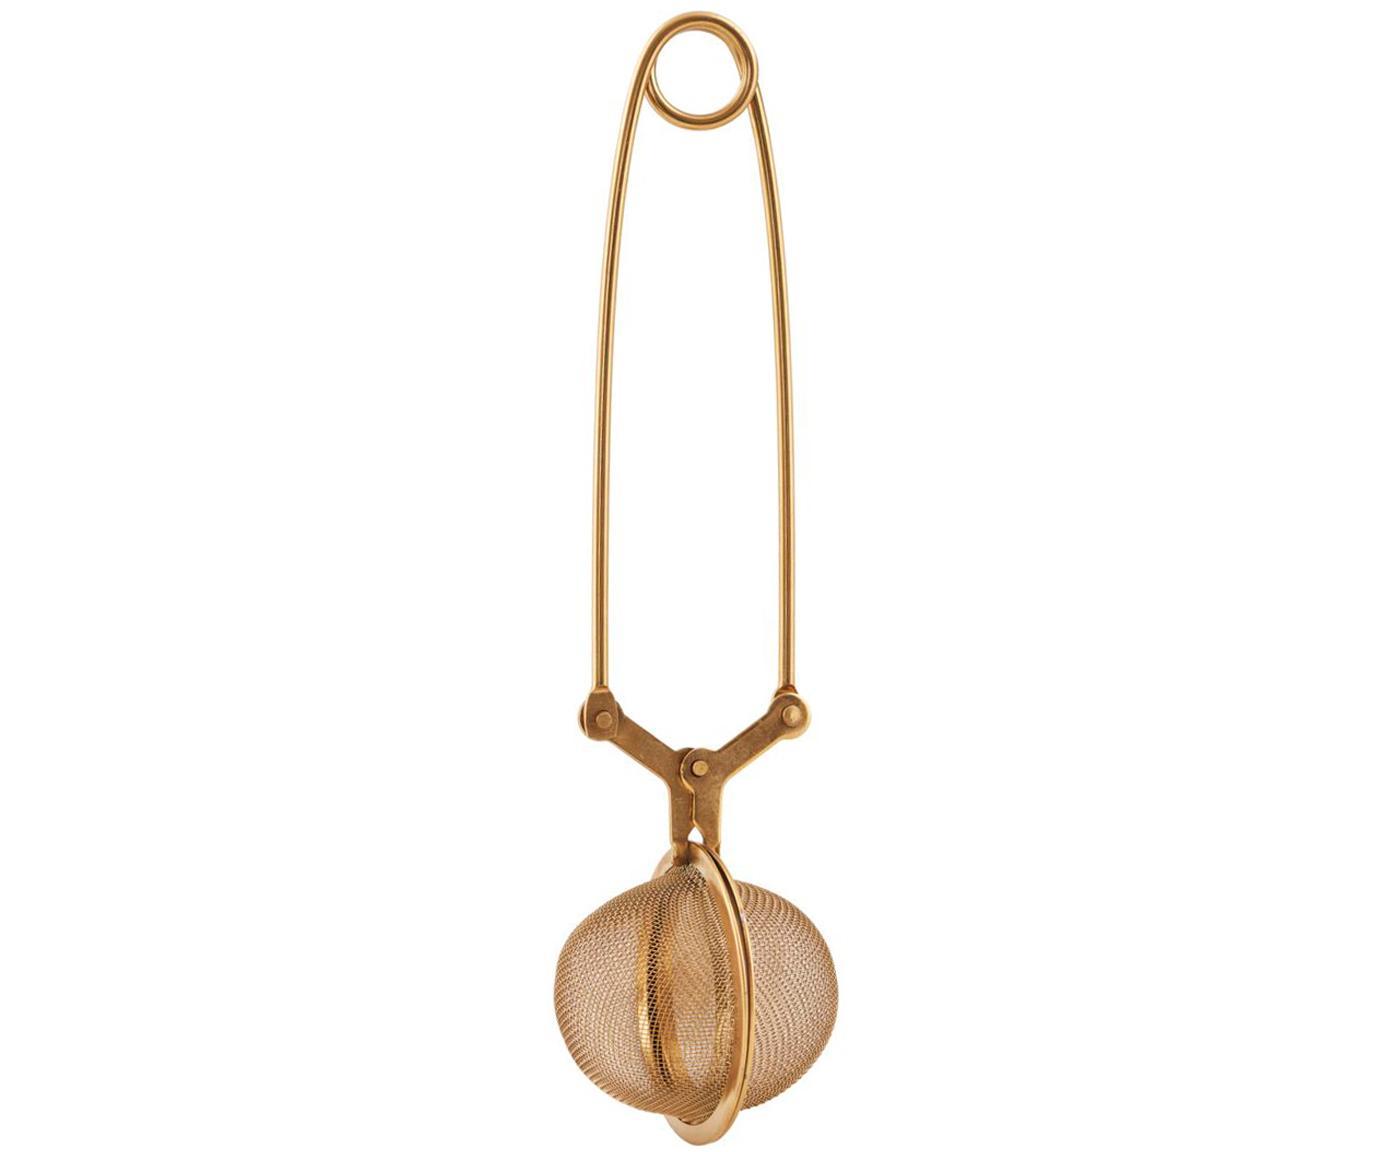 Colino da tè Mesh, Acciaio inossidabile verniciato, Rosa dorato, Lung. 17 cm